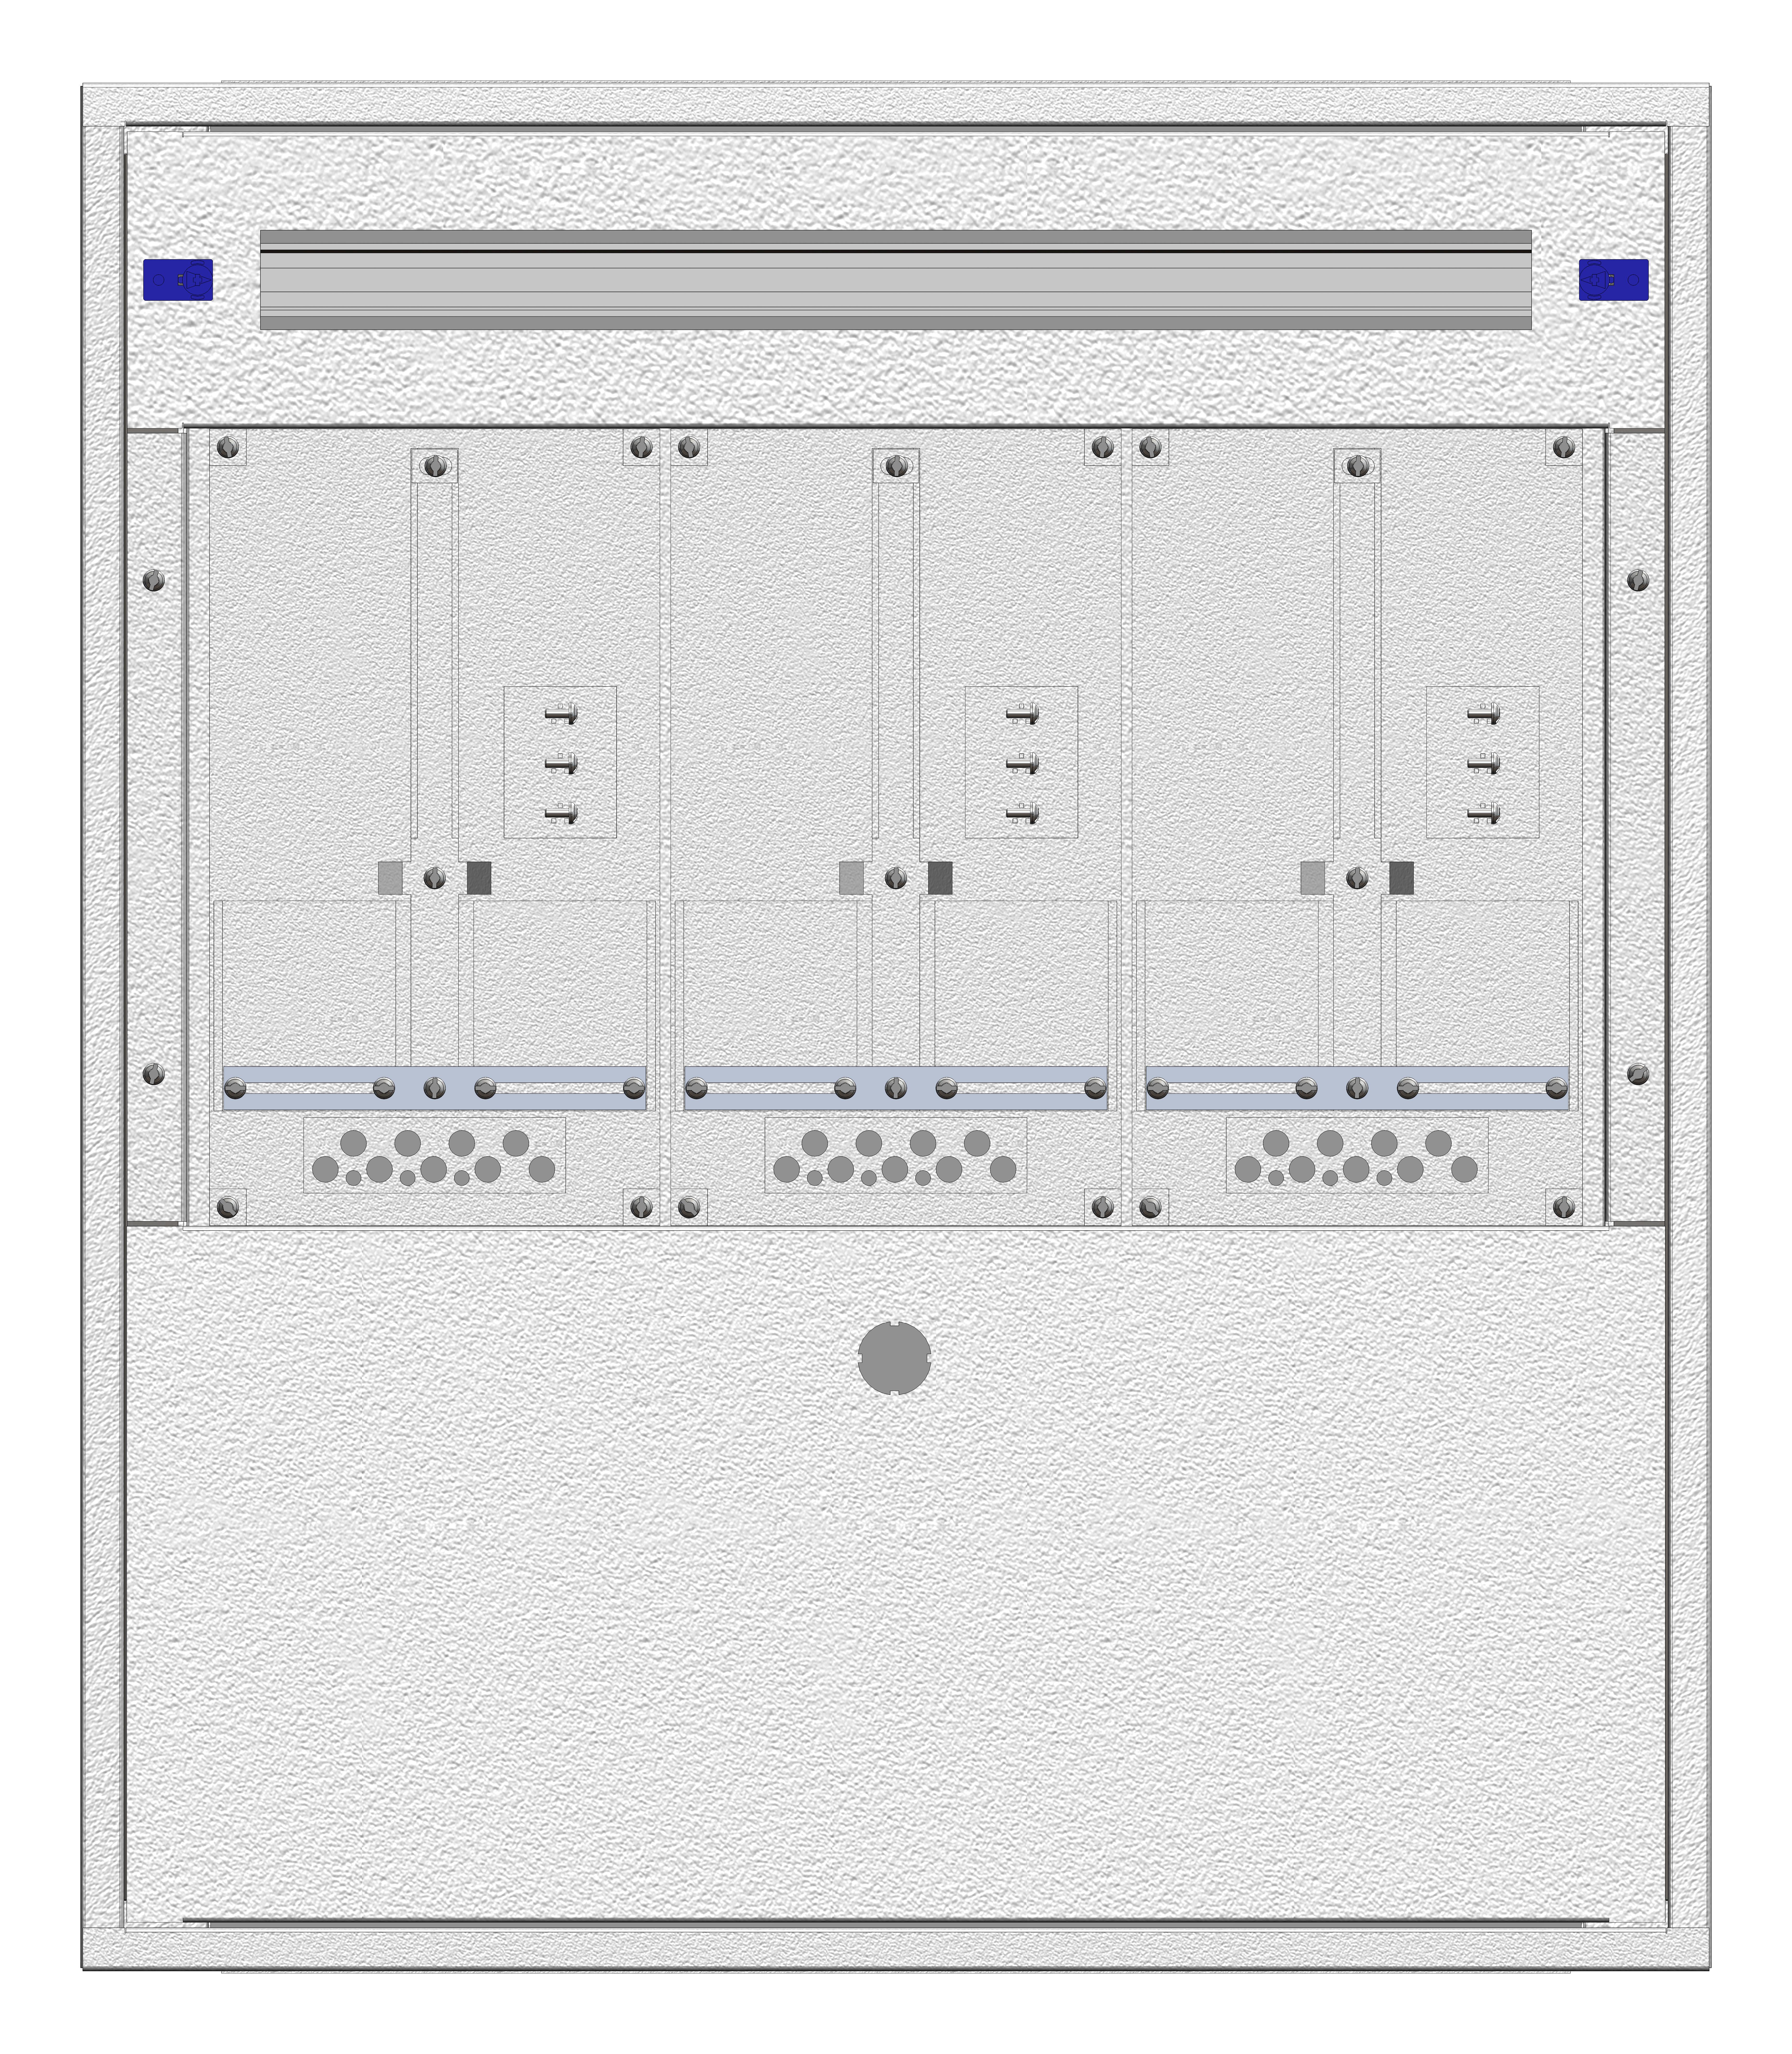 1 Stk Aufputz-Zählerverteiler 3A-18E/BGLD 3ZP, H915B810T250mm IL160318BS